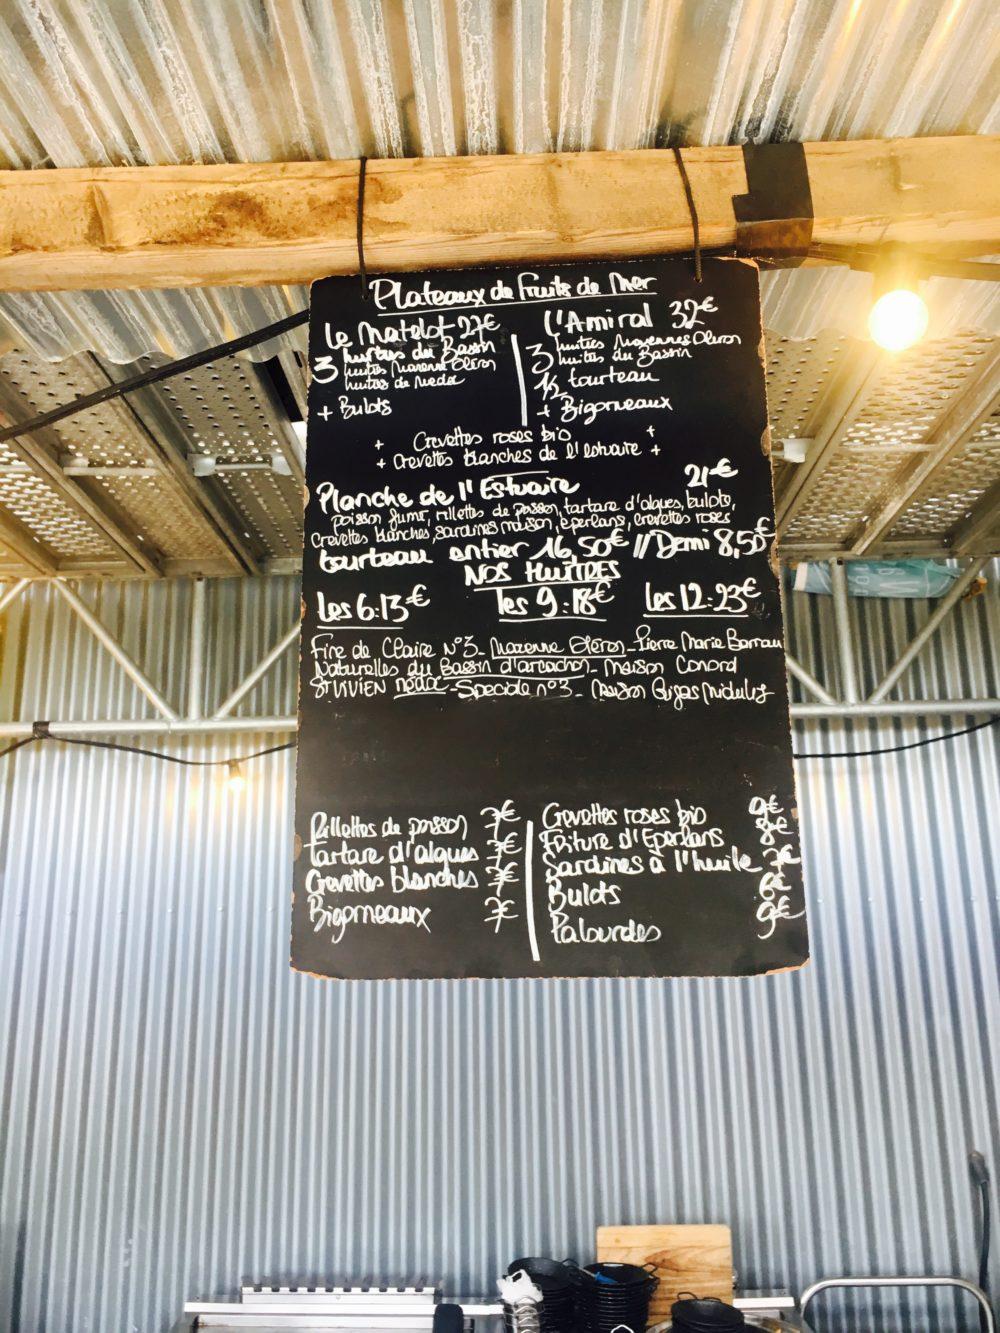 Carte Les Chantiers de la Garonne - Restaurant kids friendly a Bordeaux - 5 terrasses bordelaises a faire en poussette - Blog Maman Bordeaux Ne le dites a personne #leschantiersdelagaronne #darwinbordeaux #terrassesbordeaux #restaurantbordeaux #kidsfriendlybordeaux #blogmaman #blogbordeaux #bonnesadressesbordeaux #neleditesapersonne